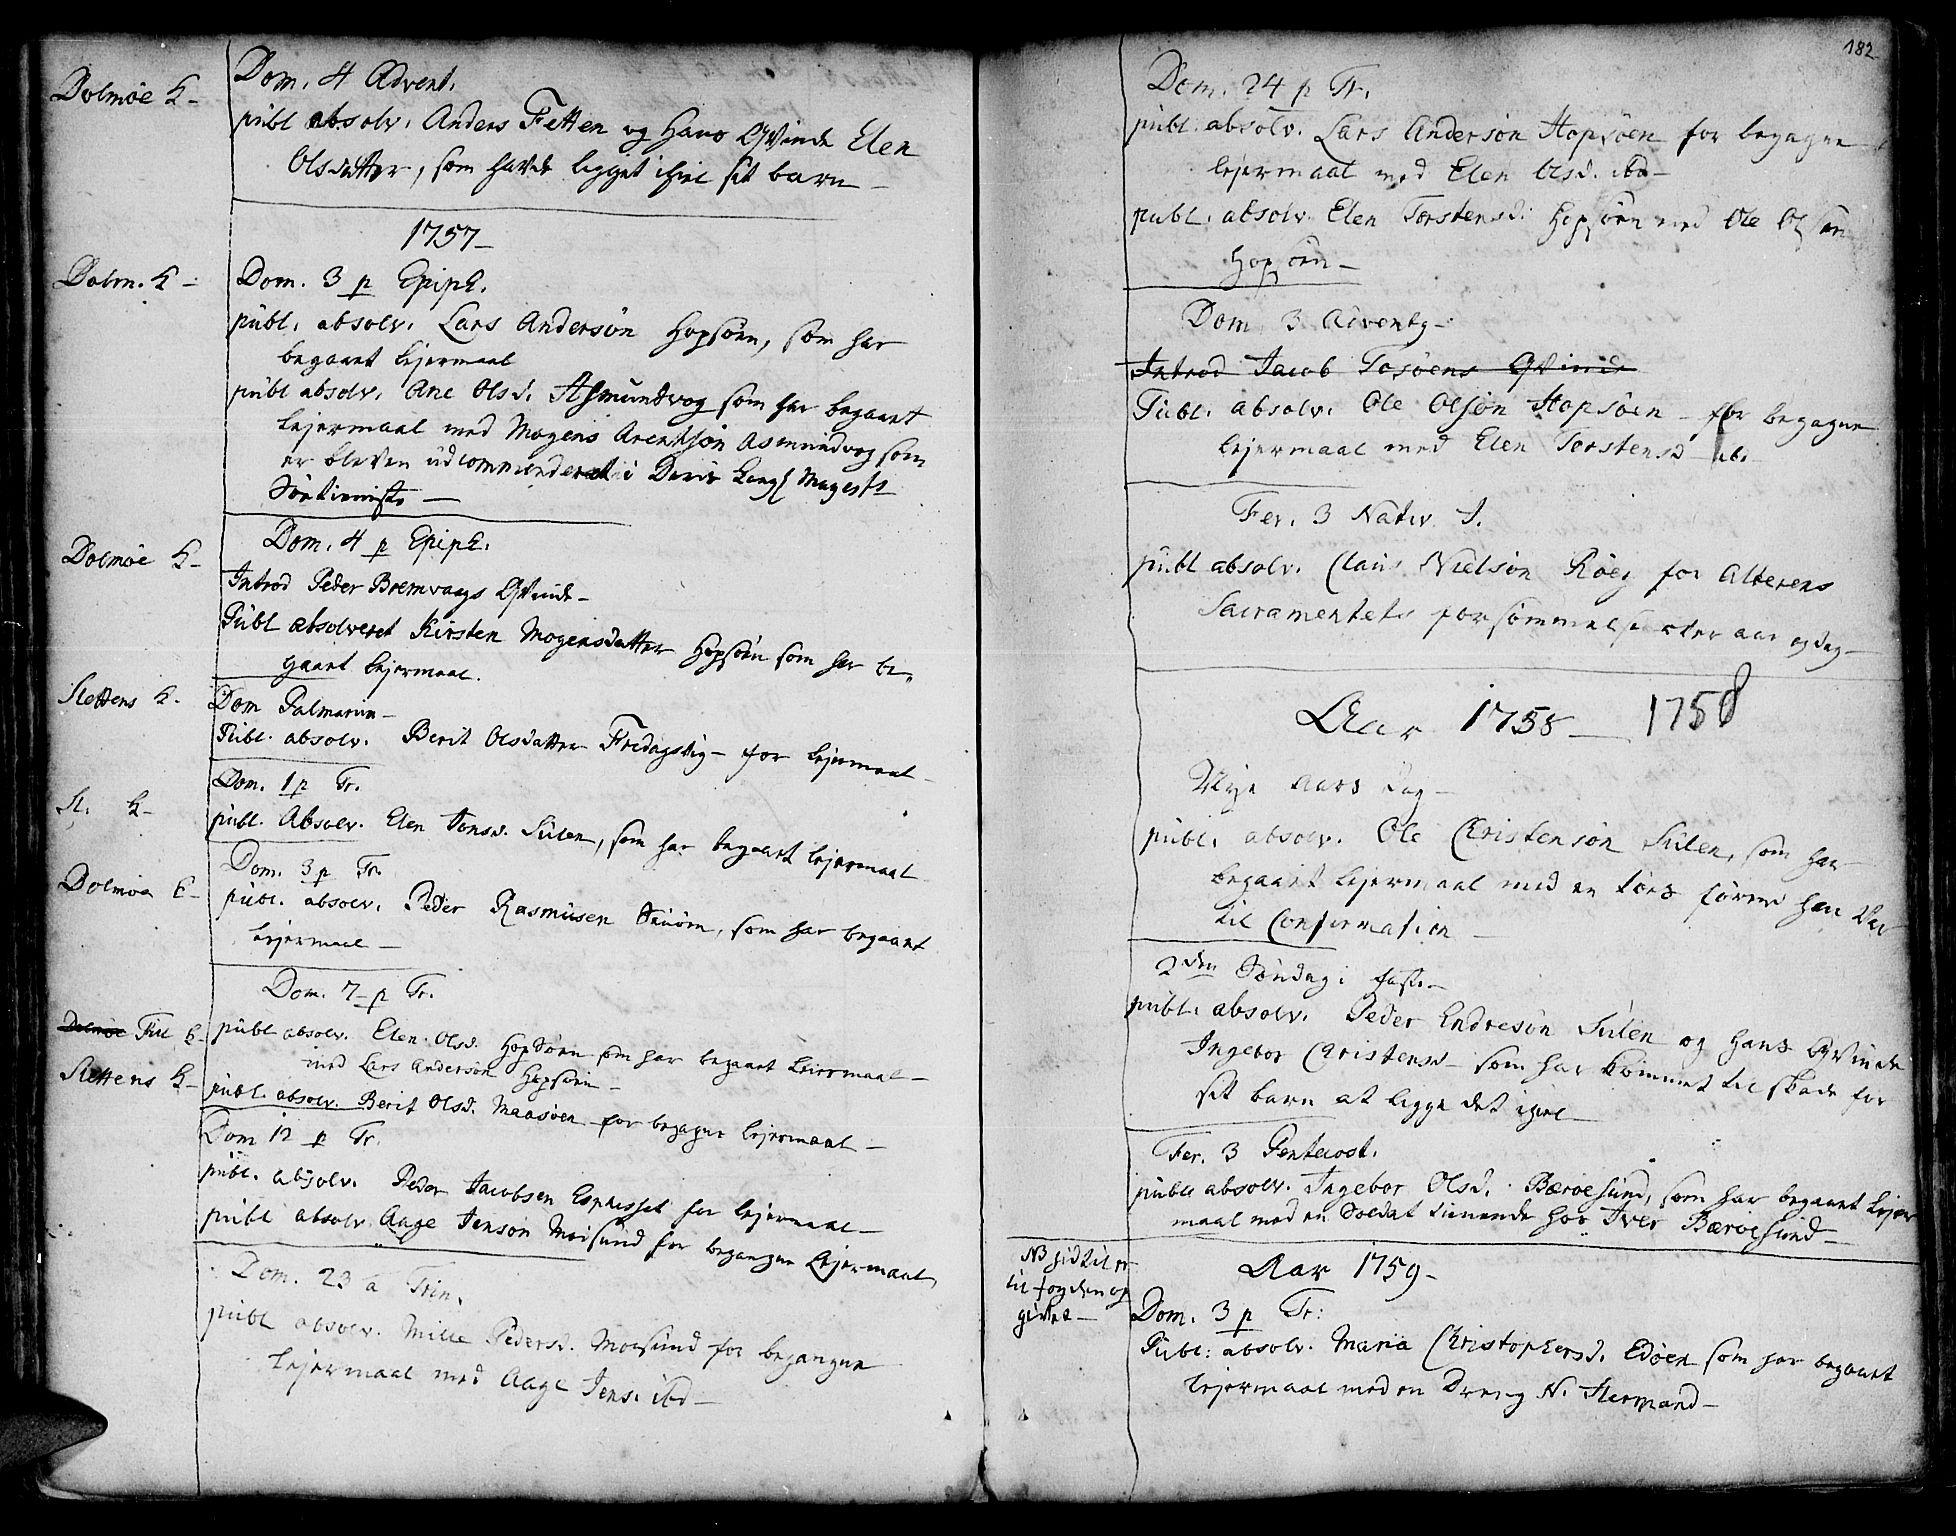 SAT, Ministerialprotokoller, klokkerbøker og fødselsregistre - Sør-Trøndelag, 634/L0525: Ministerialbok nr. 634A01, 1736-1775, s. 182